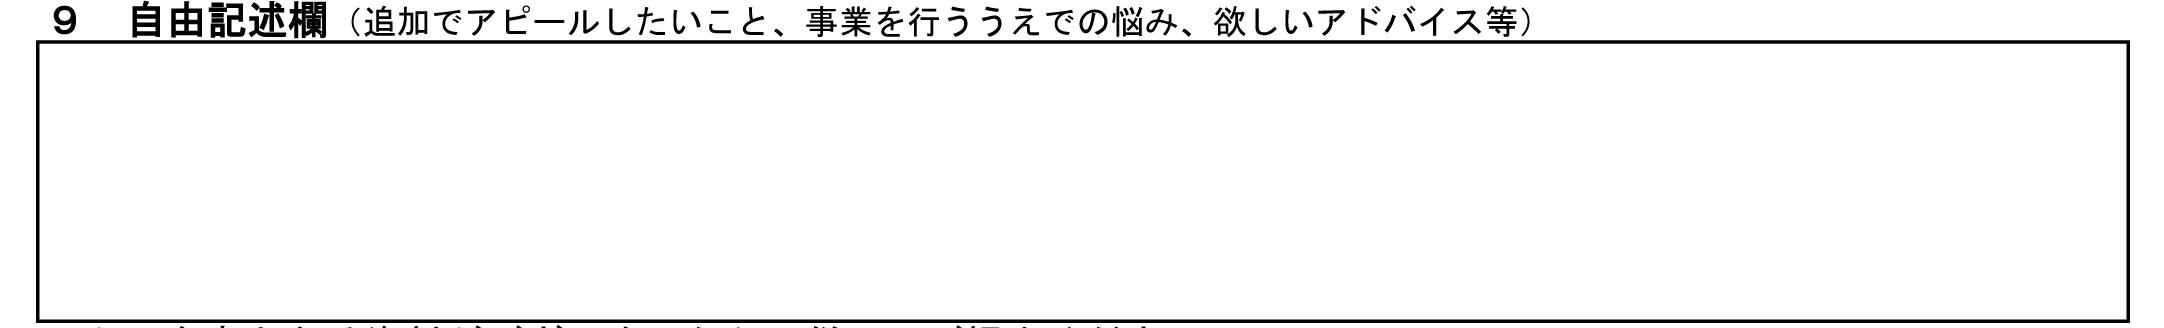 自由記述欄の図